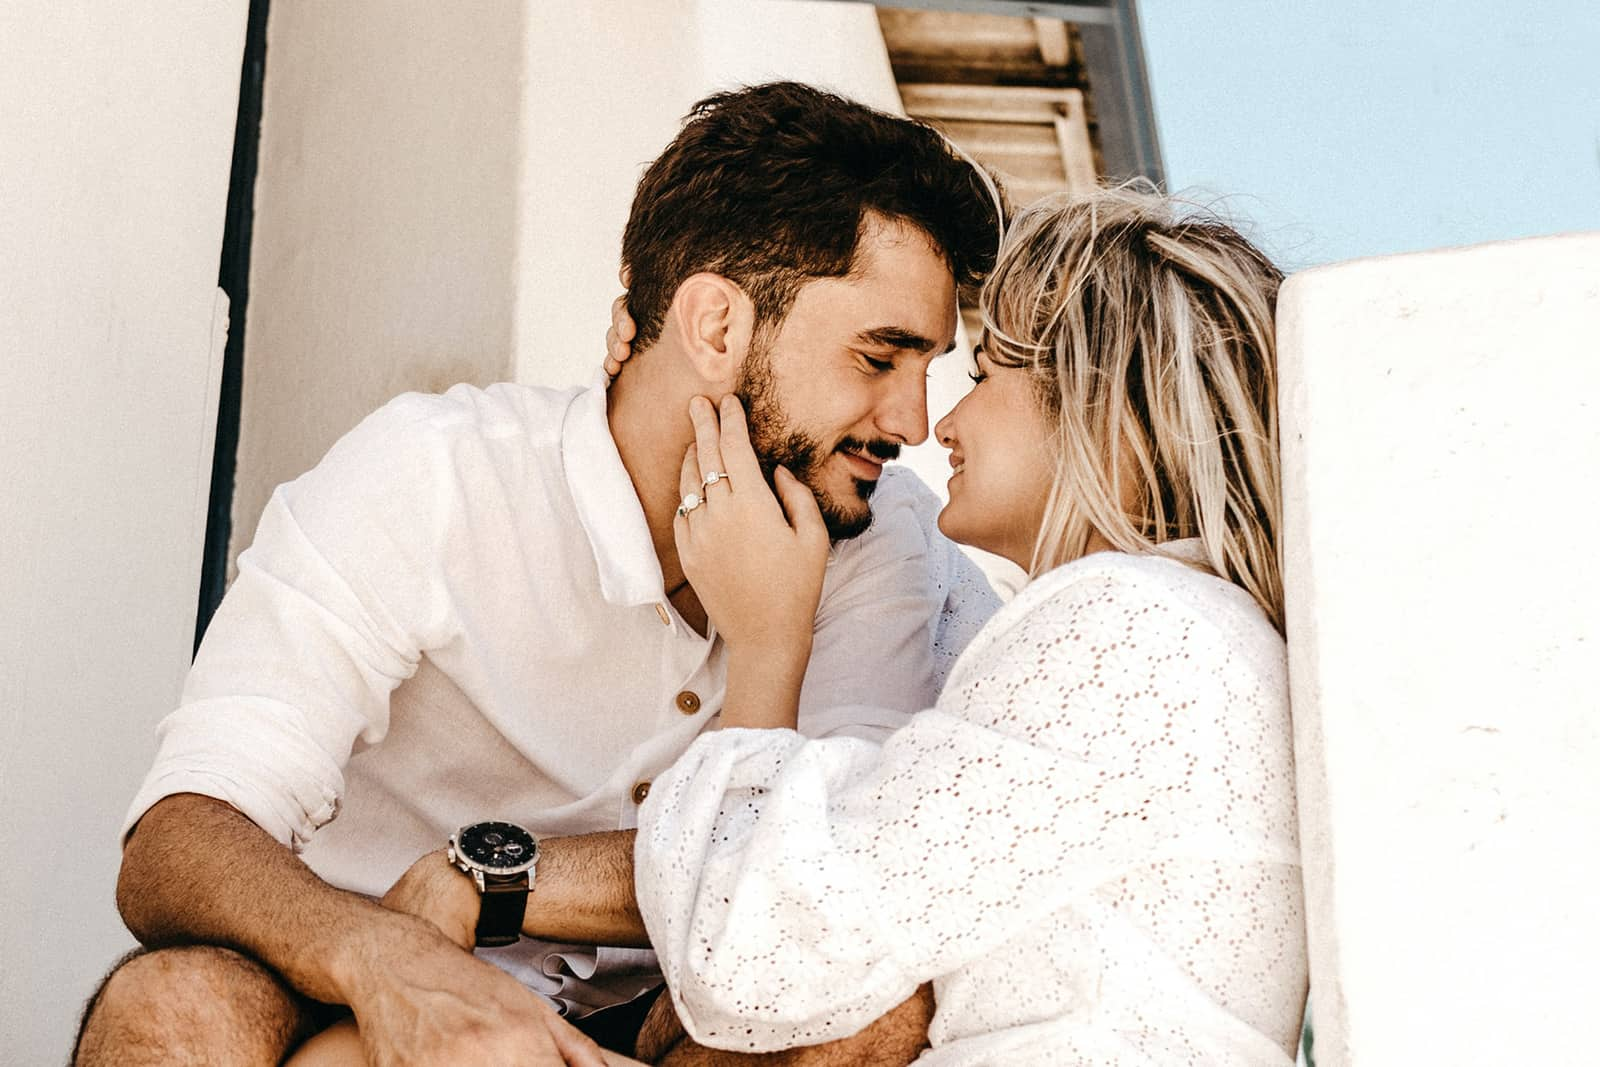 Eine lächelnde Frau, die das Gesicht ihres Mannes berührt, will sich küssen